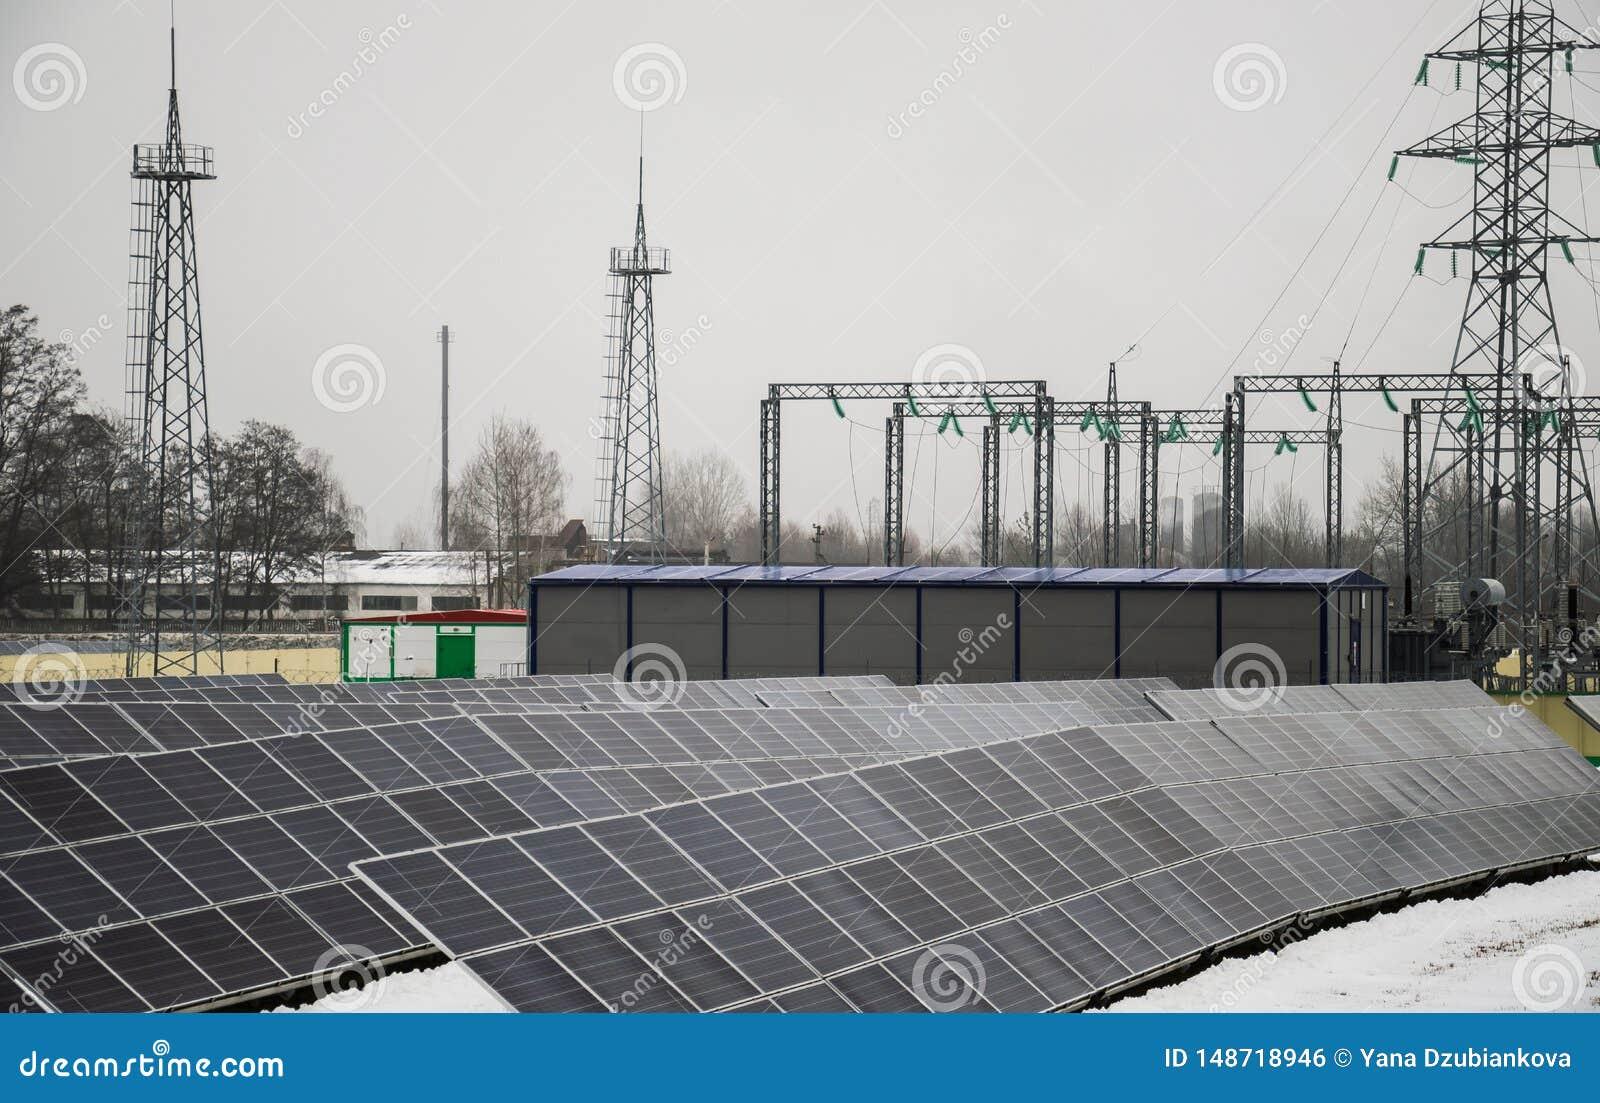 Sonnenkollektoren auf einem Dach